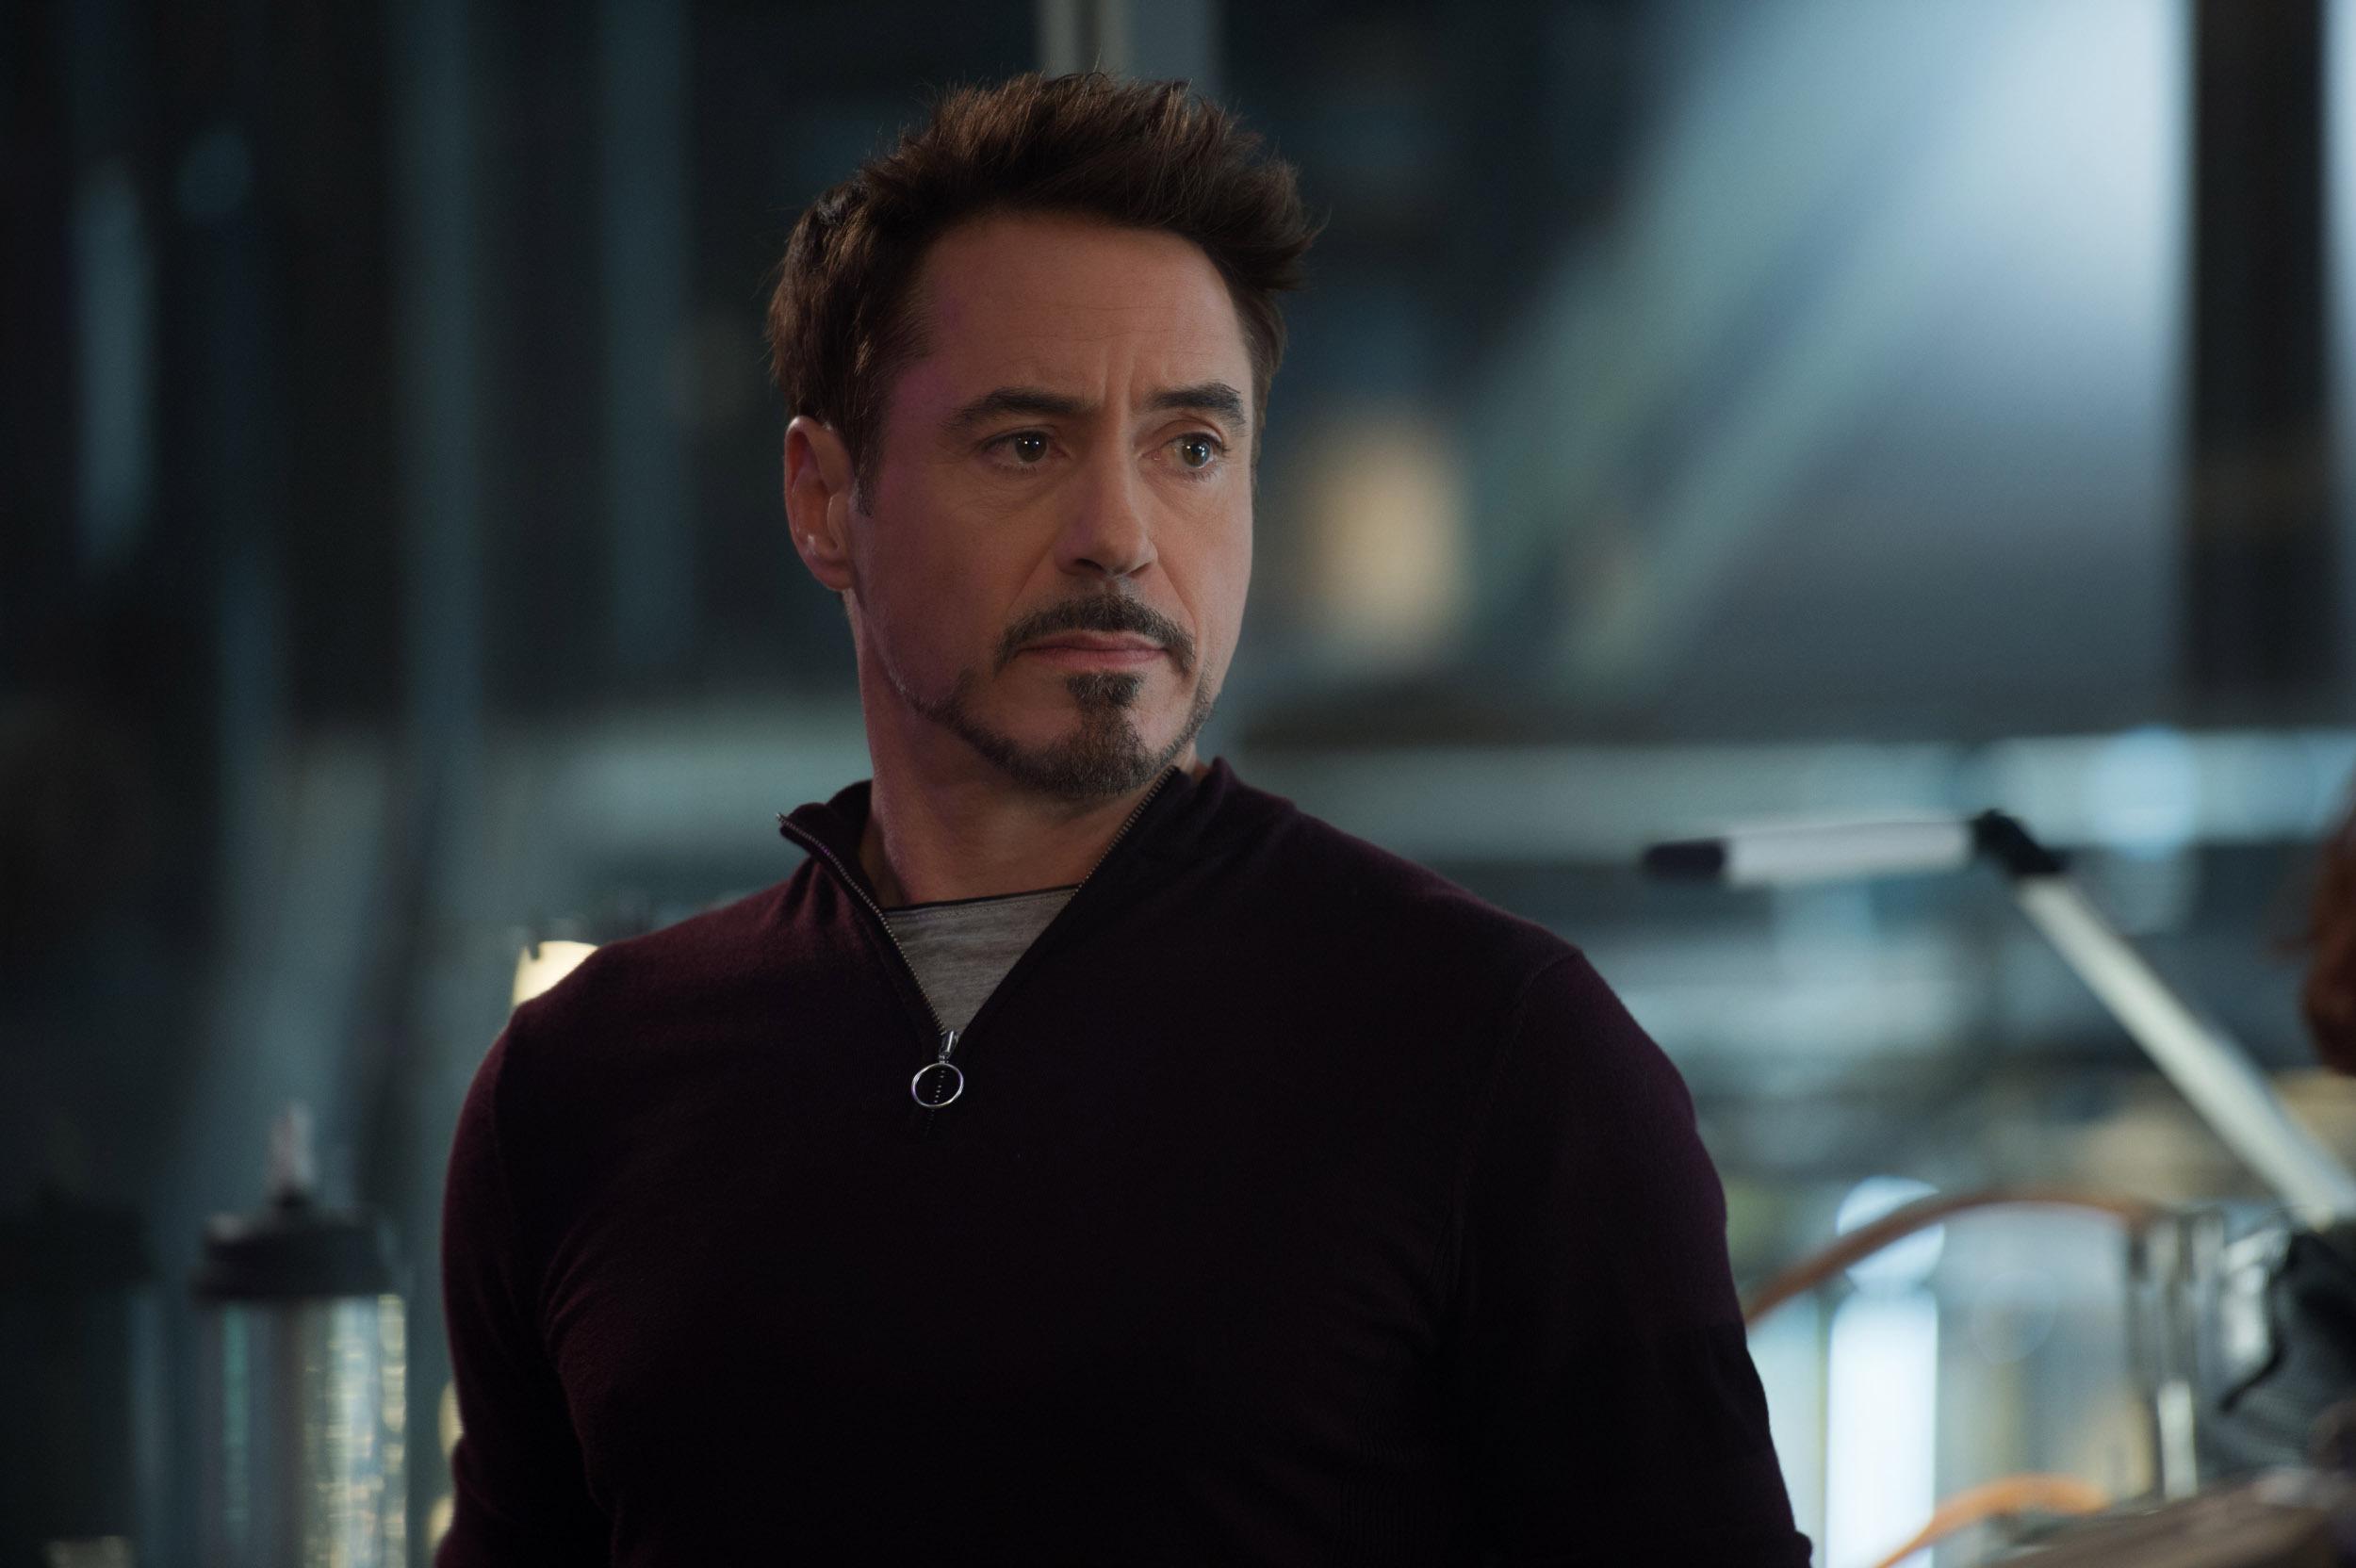 Robert Downey Jr High Definition